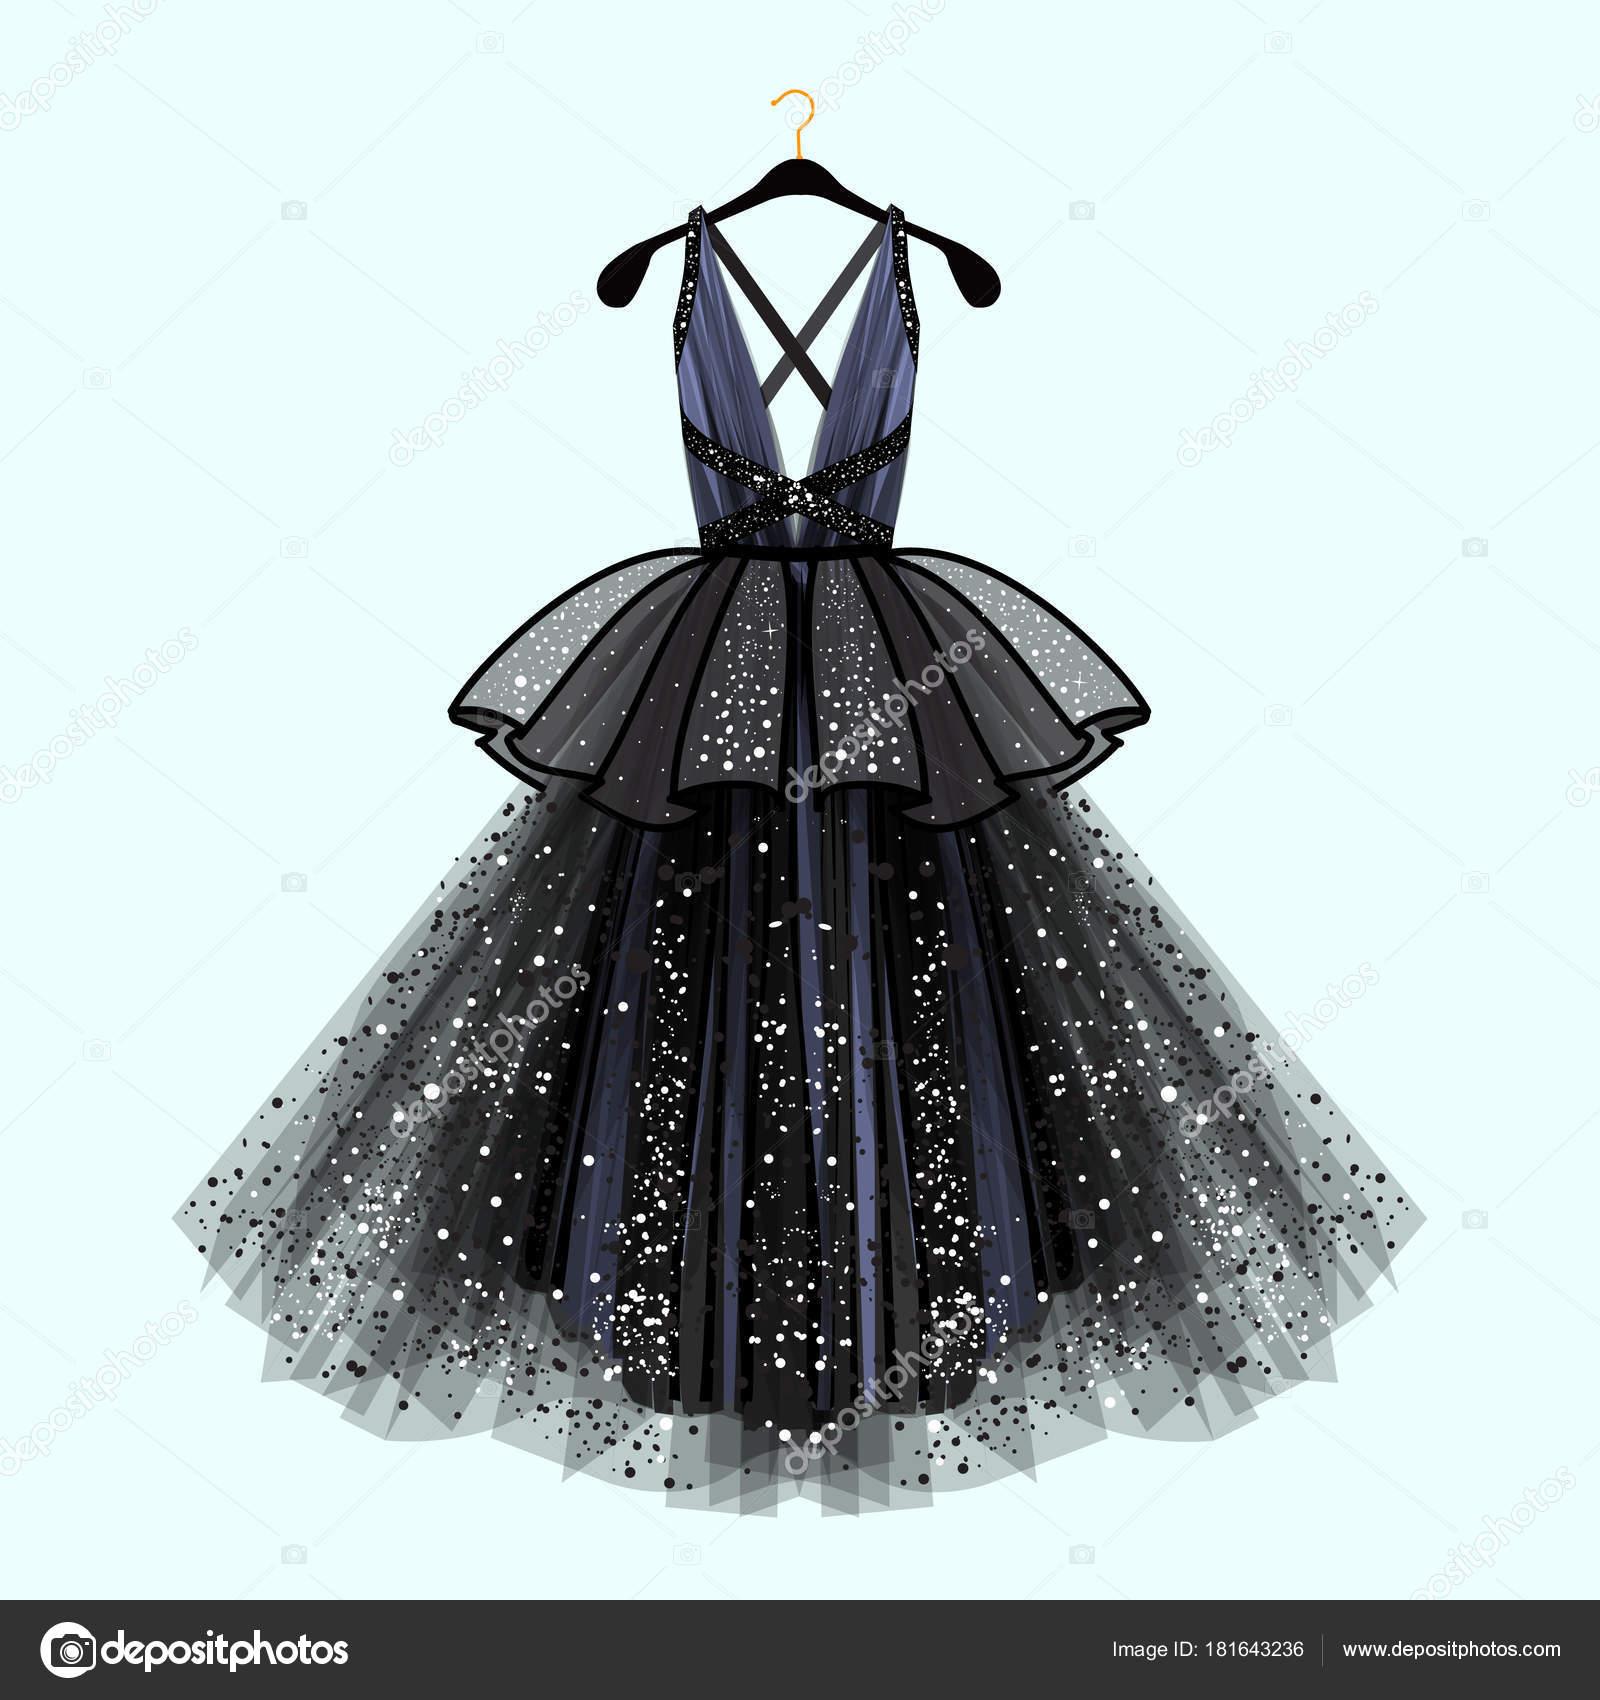 ゴージャスなパーティー ドレス 派手な装飾が施されたパーティー ドレス